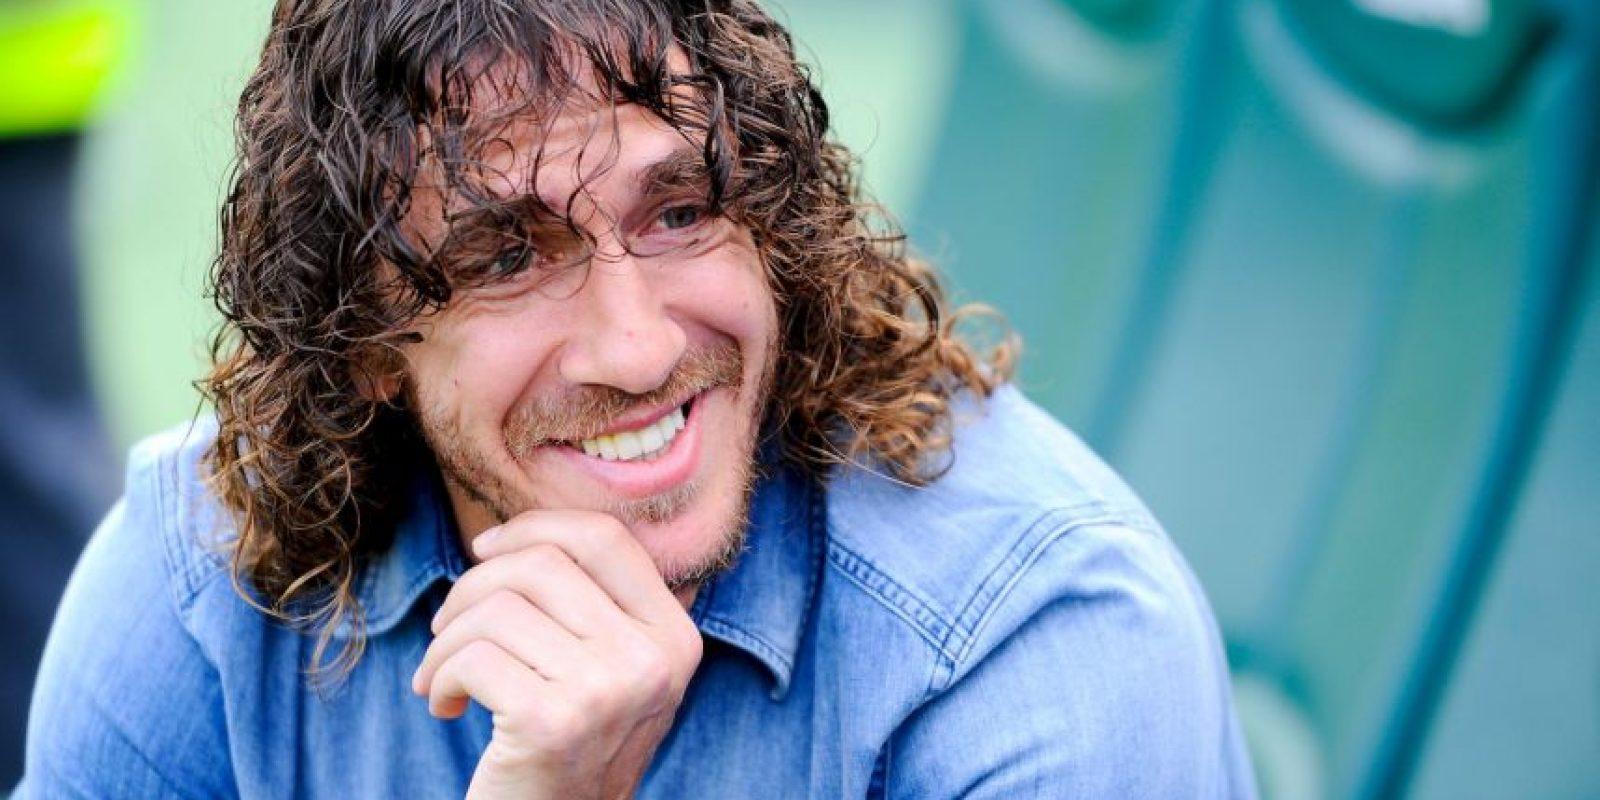 El zaguero, nacido en Lérida, inició su carrera futbolística en el equipo B del Barcelona. Foto:Getty Images